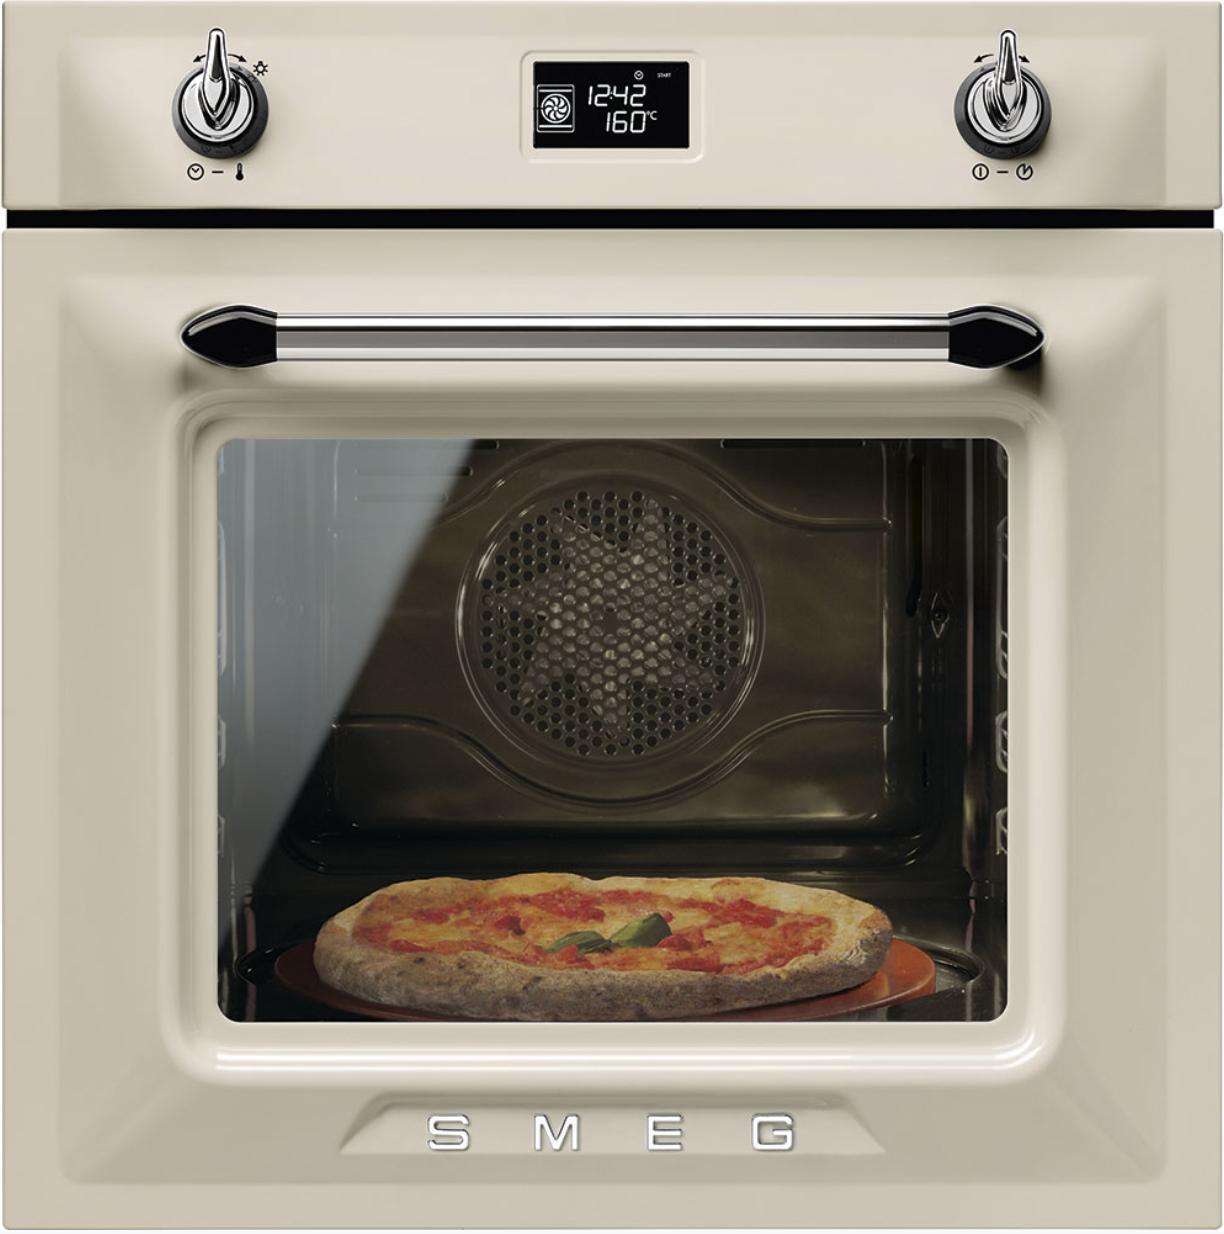 Kuchyňské spotřebiče, které si vás získají nejen svým designem